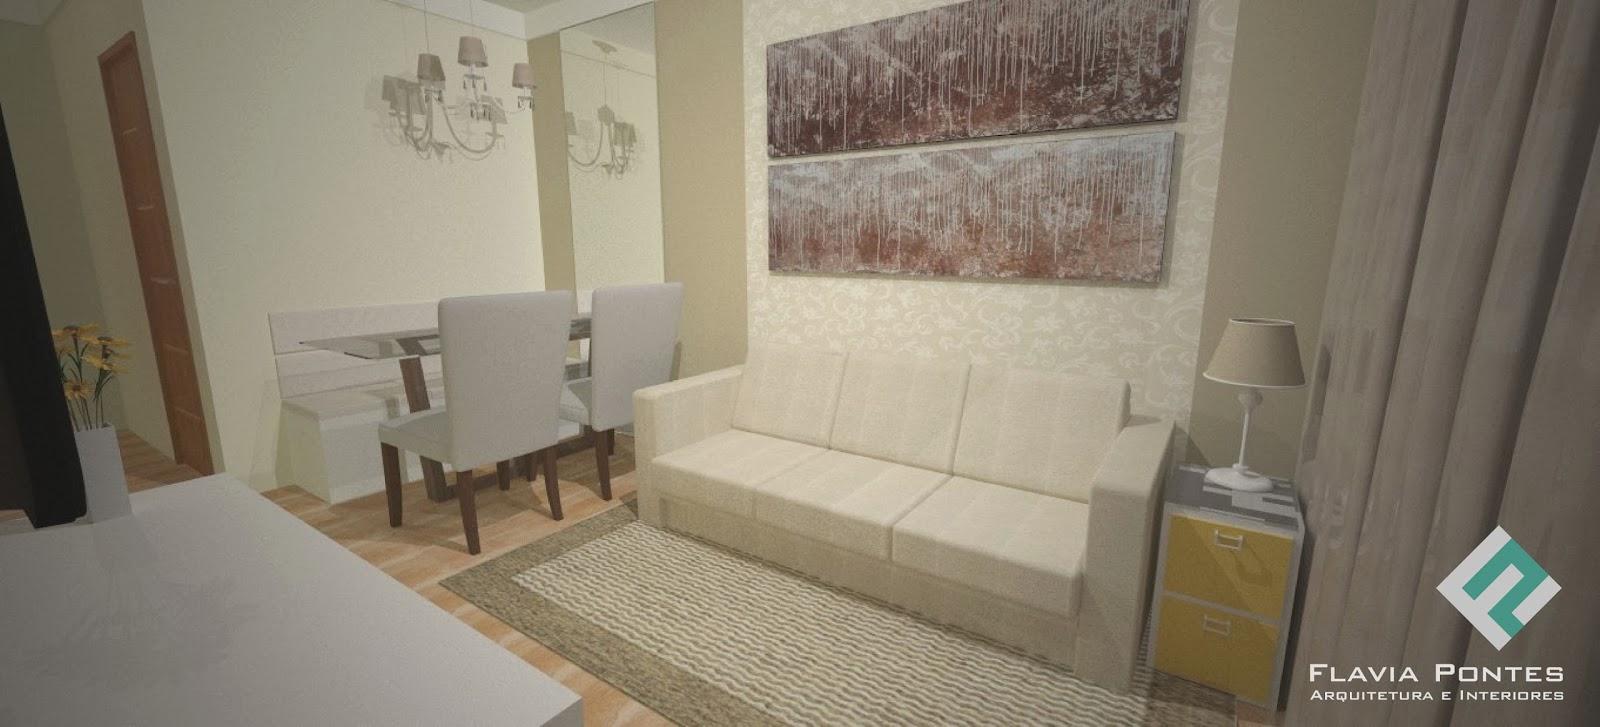 Sala Jantar Estar Pequena ~ Próximo à porta de entrada, um rack de 1,50m de largura branco e